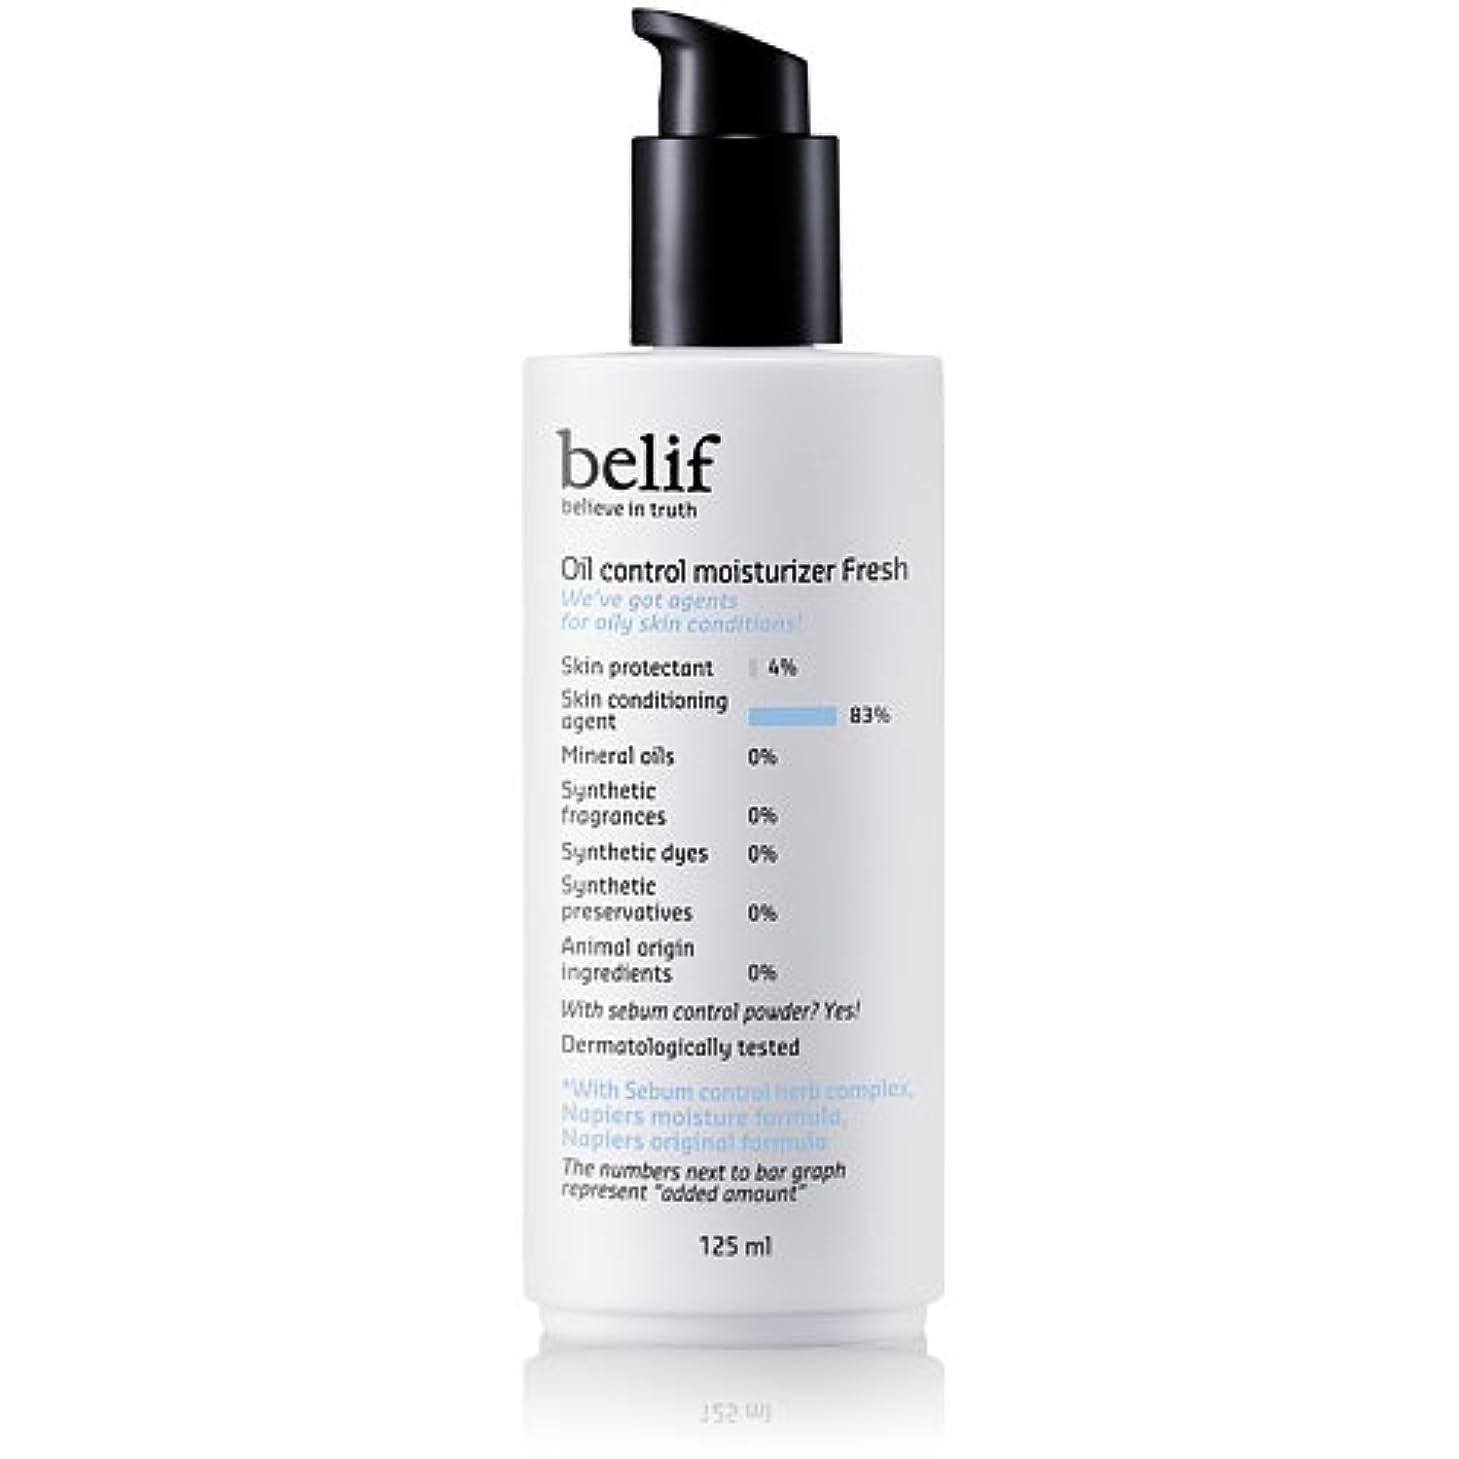 教育ご覧くださいそしてBelif(ビリーフ)Oil control moisturizer fresh 125ml/ビリーフオイルコントロールモイスチャライザーフレッシュ?脂性肌用[韓国コスメ/オーガニックコスメ]